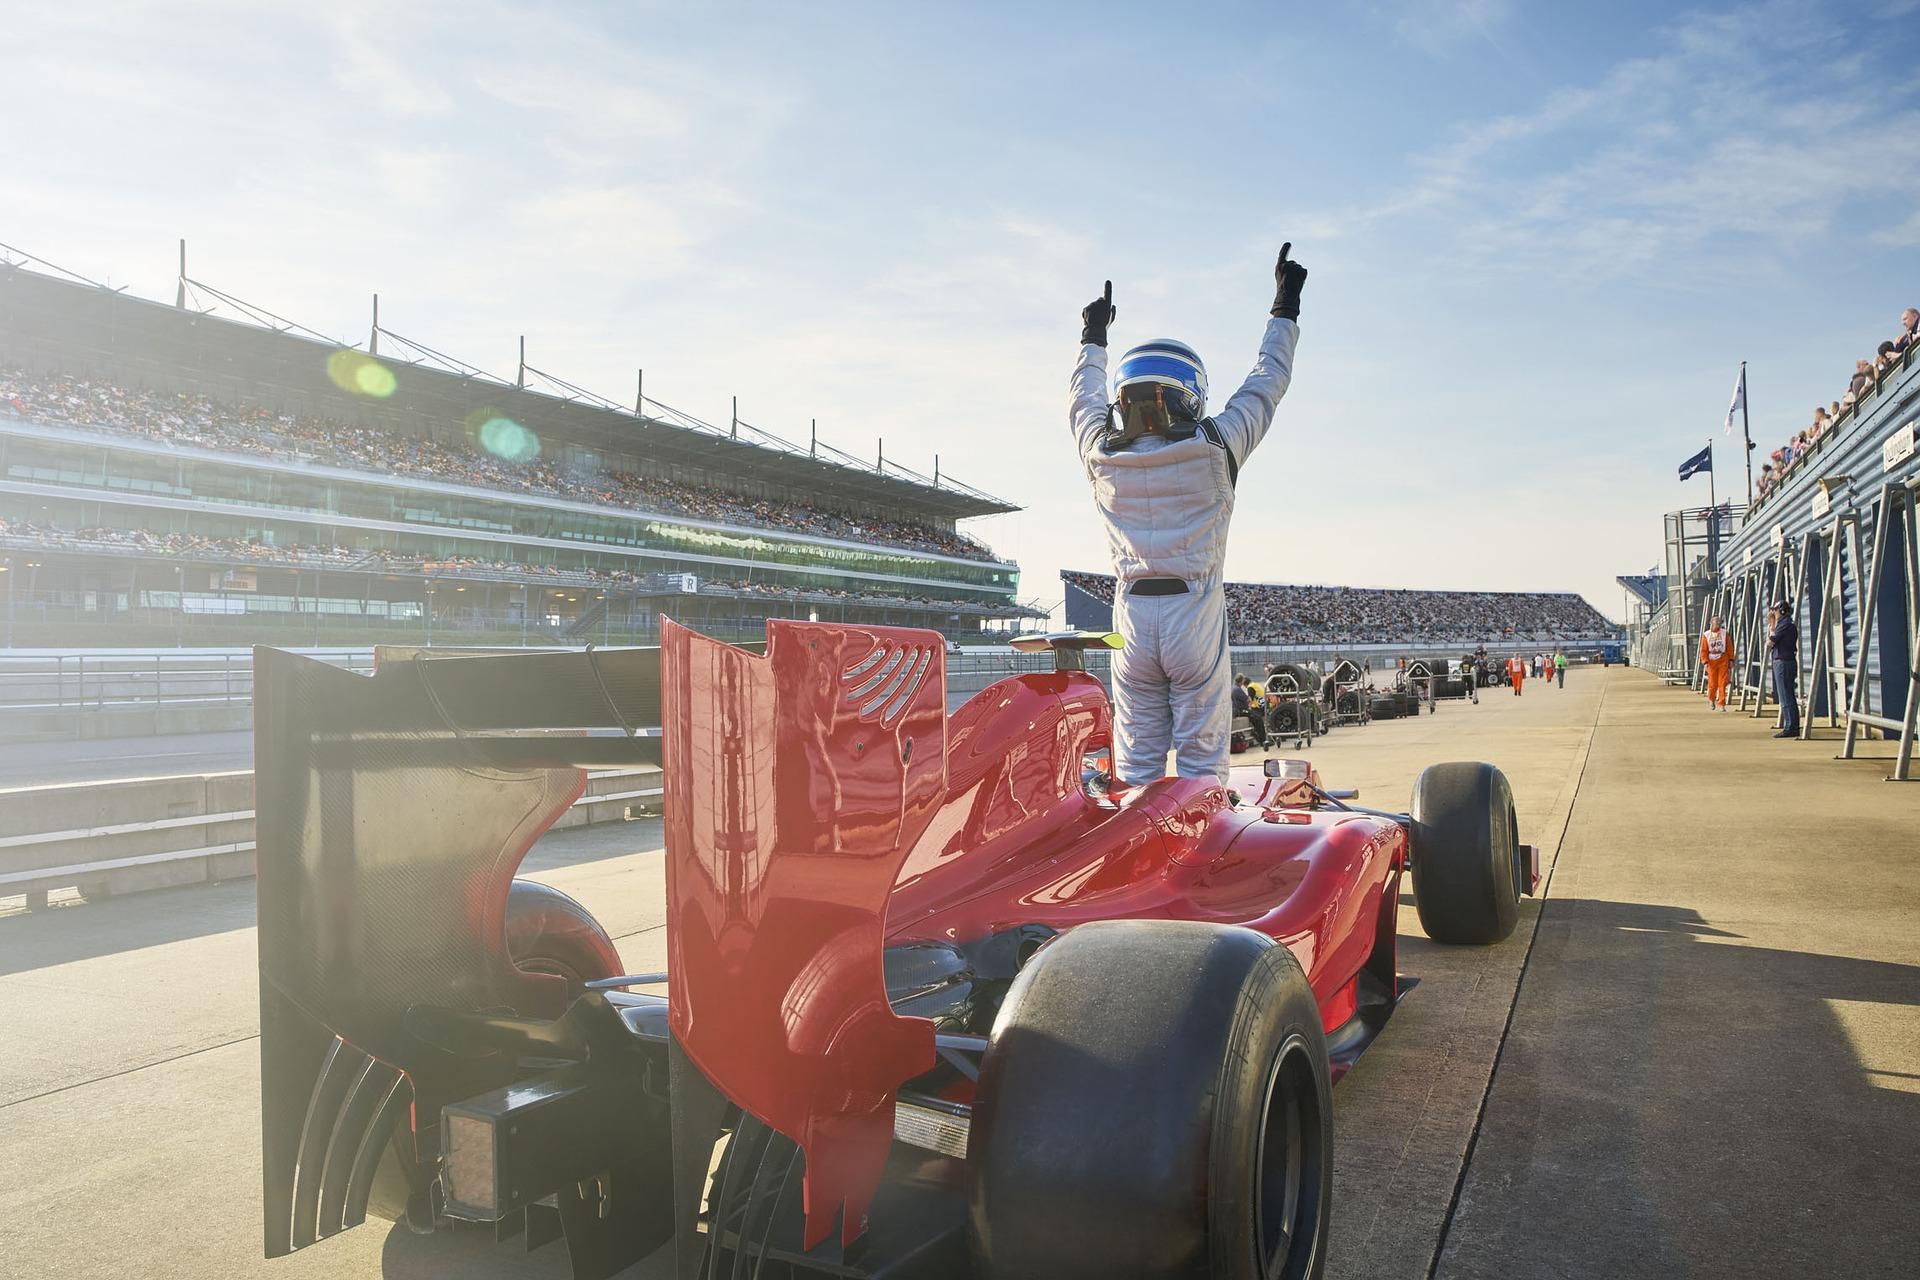 【関西・成田発】11 月27 日出発限定!迫力のレースを目の前で!メイングランドスタンドで観戦するアブダビF1グランプリツアー 3泊6日